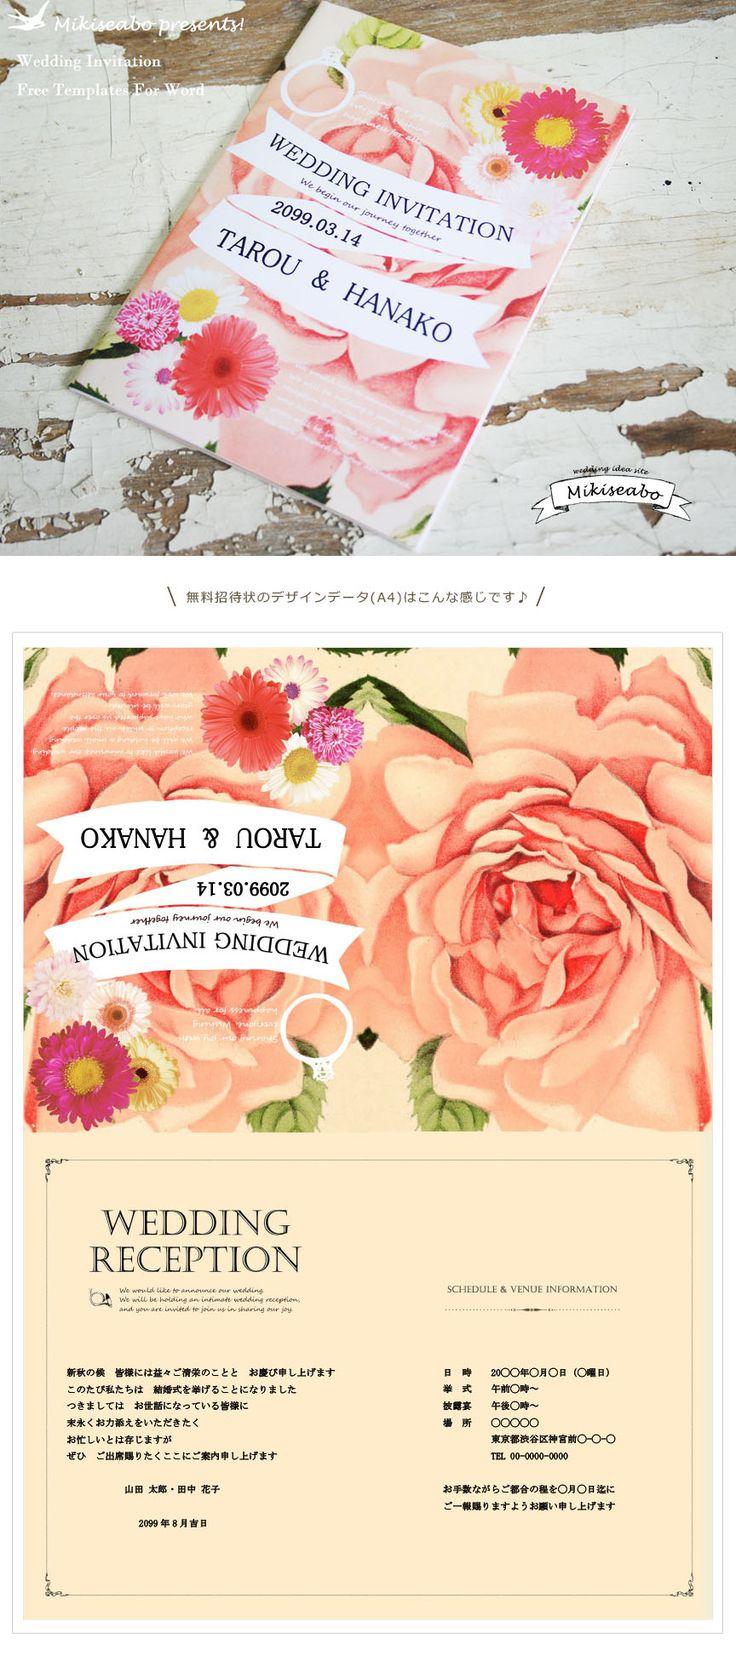 おしゃれな薔薇とリボンの結婚式無料招待状